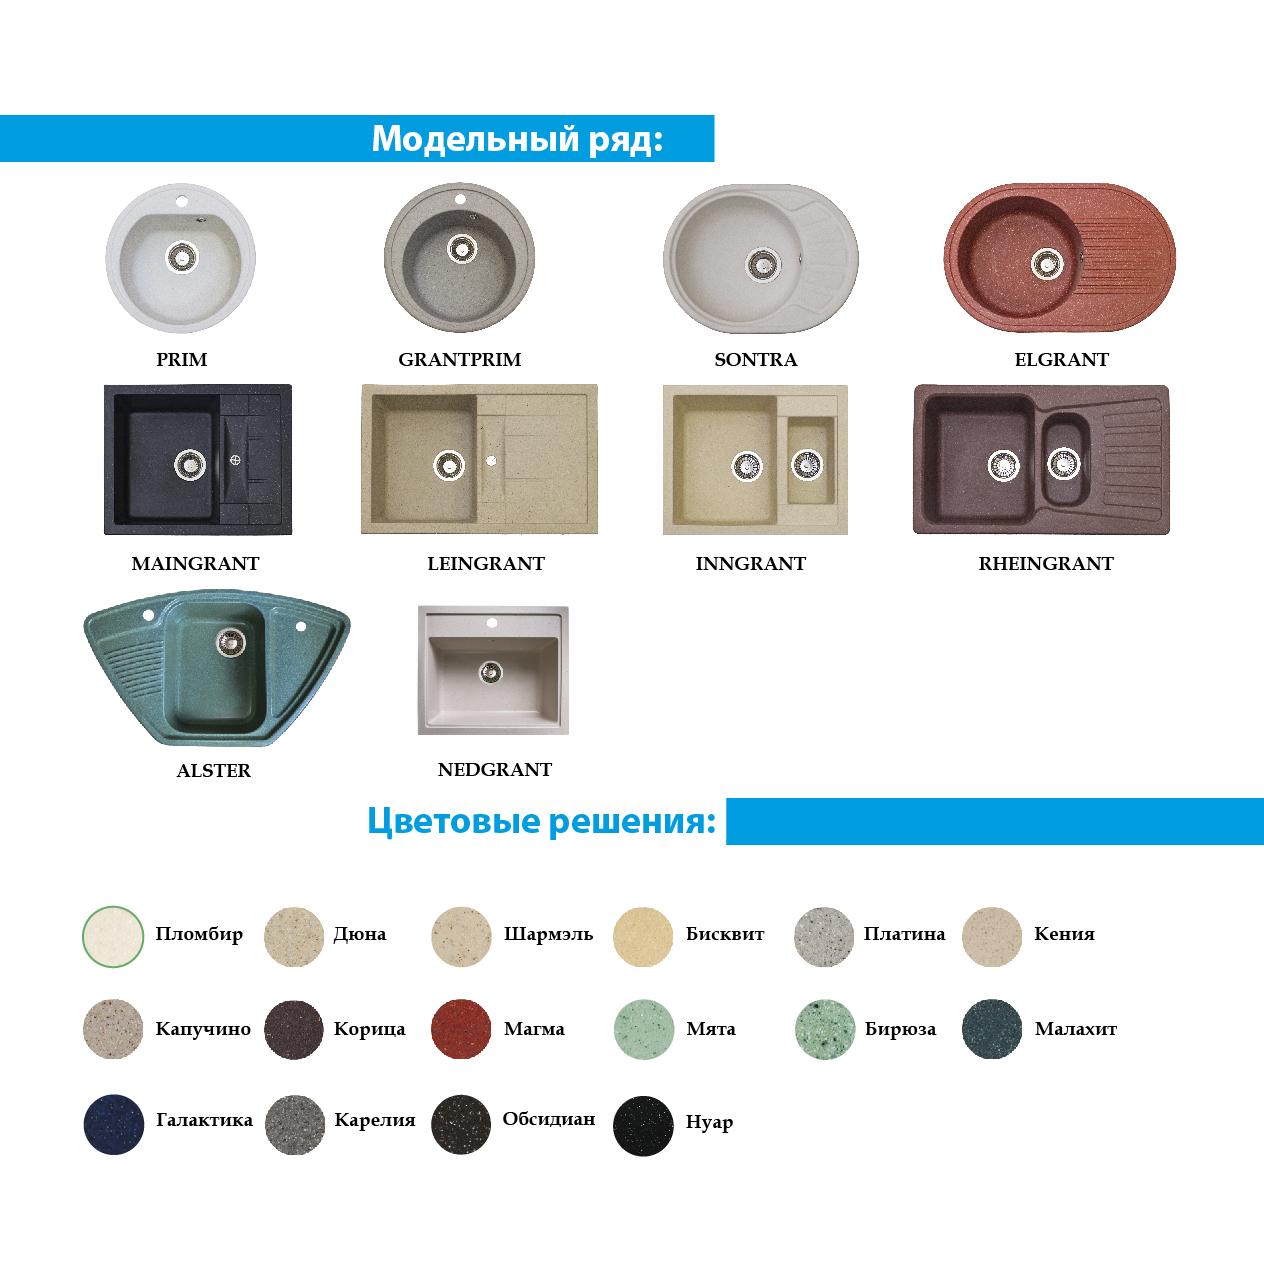 16 вариантов цветов кухонных моек AlfaGrant